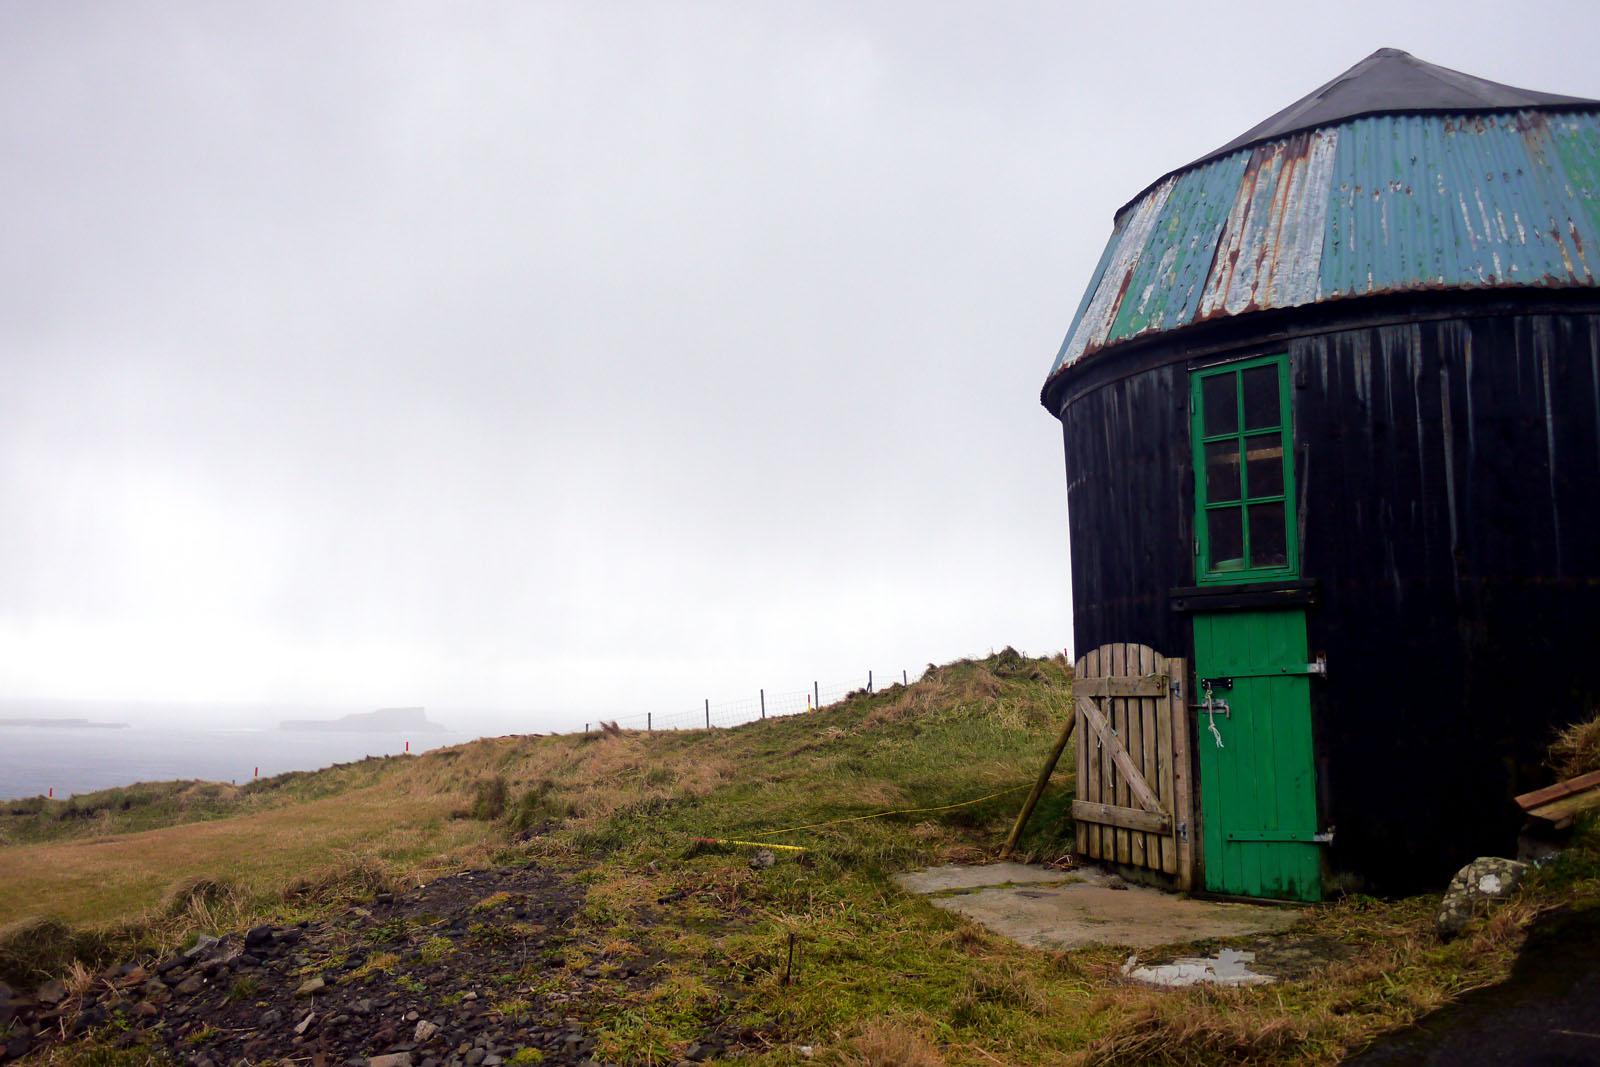 Gasadalur-Vagar-Faroer Inseln